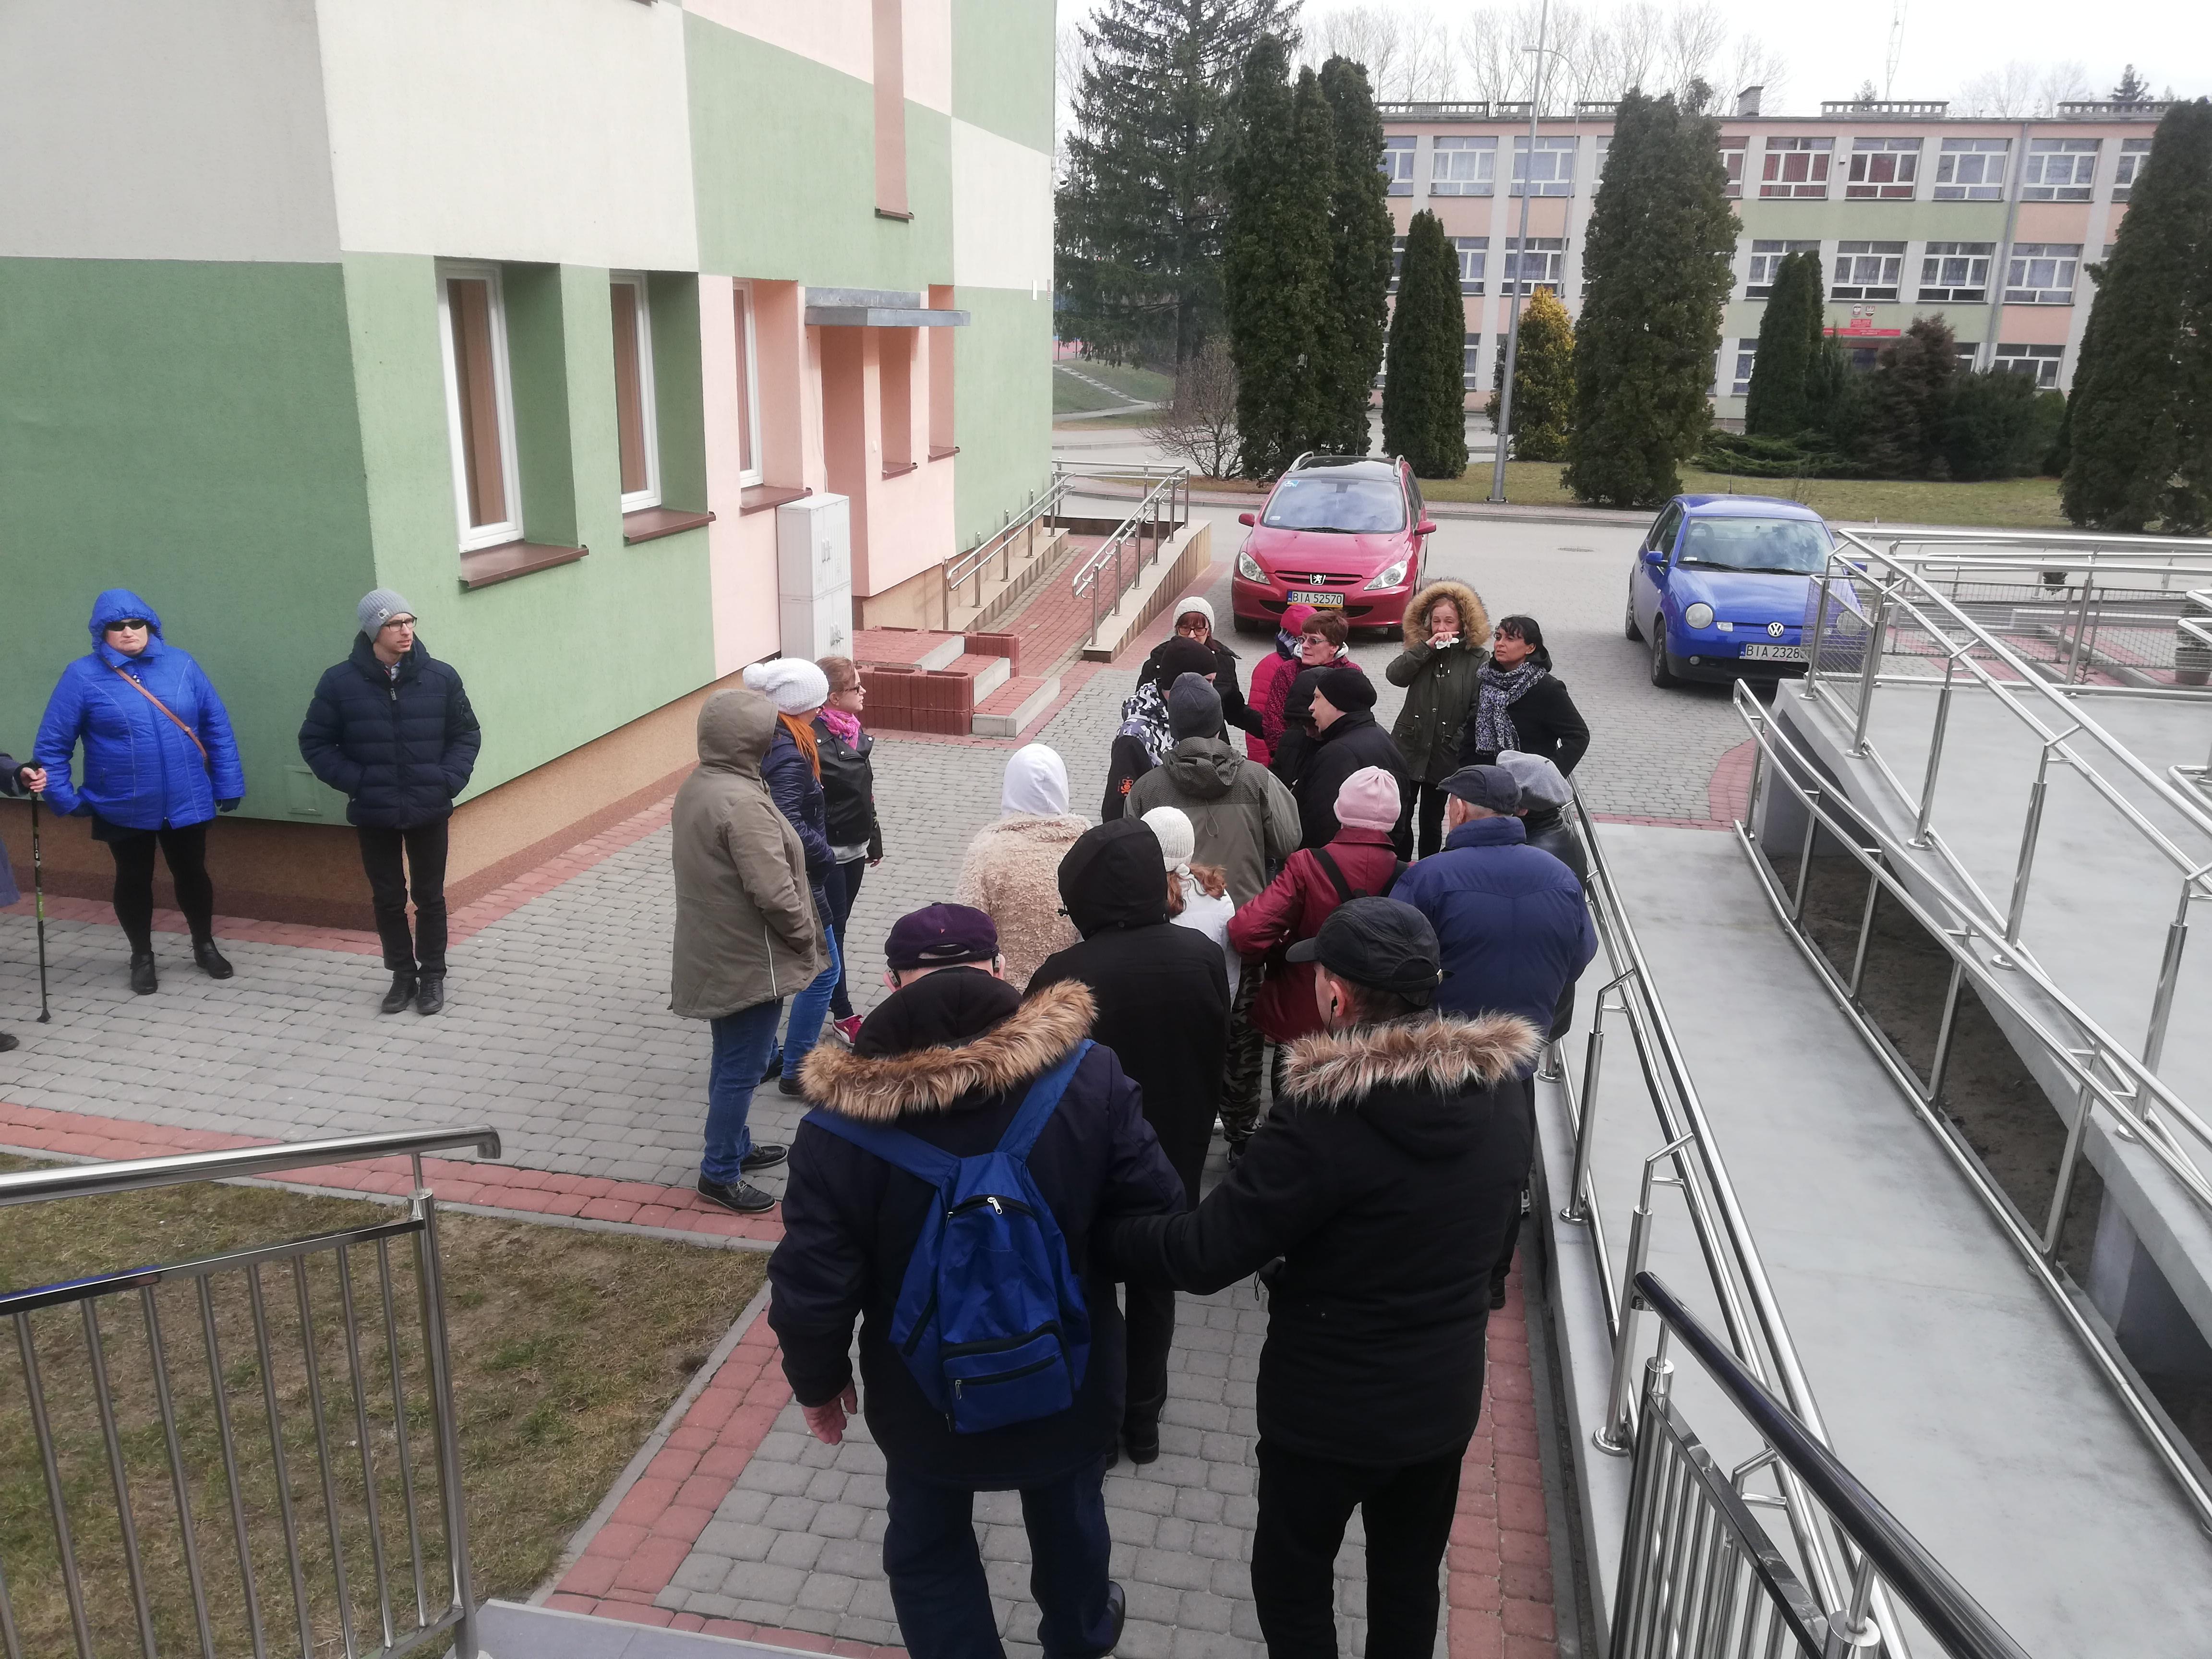 Grupa uczestników w kurtkach wiosennych podczas wychodzenia z budynku, niektórzy z nich w czapkach i kapturach, z boku widoczny zjazd dla wózkowiczów z metalowymi barierkami, z przodu czerwony i niebieski samochód